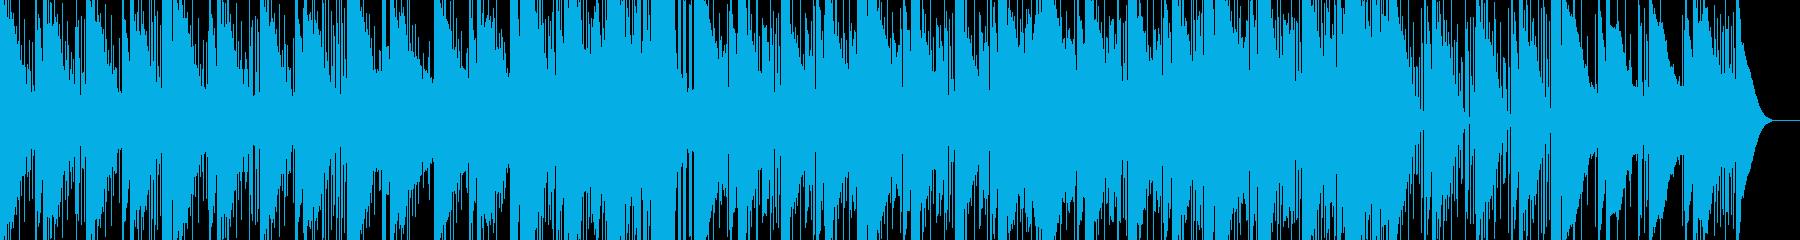 闇を感じるUK Drillの再生済みの波形